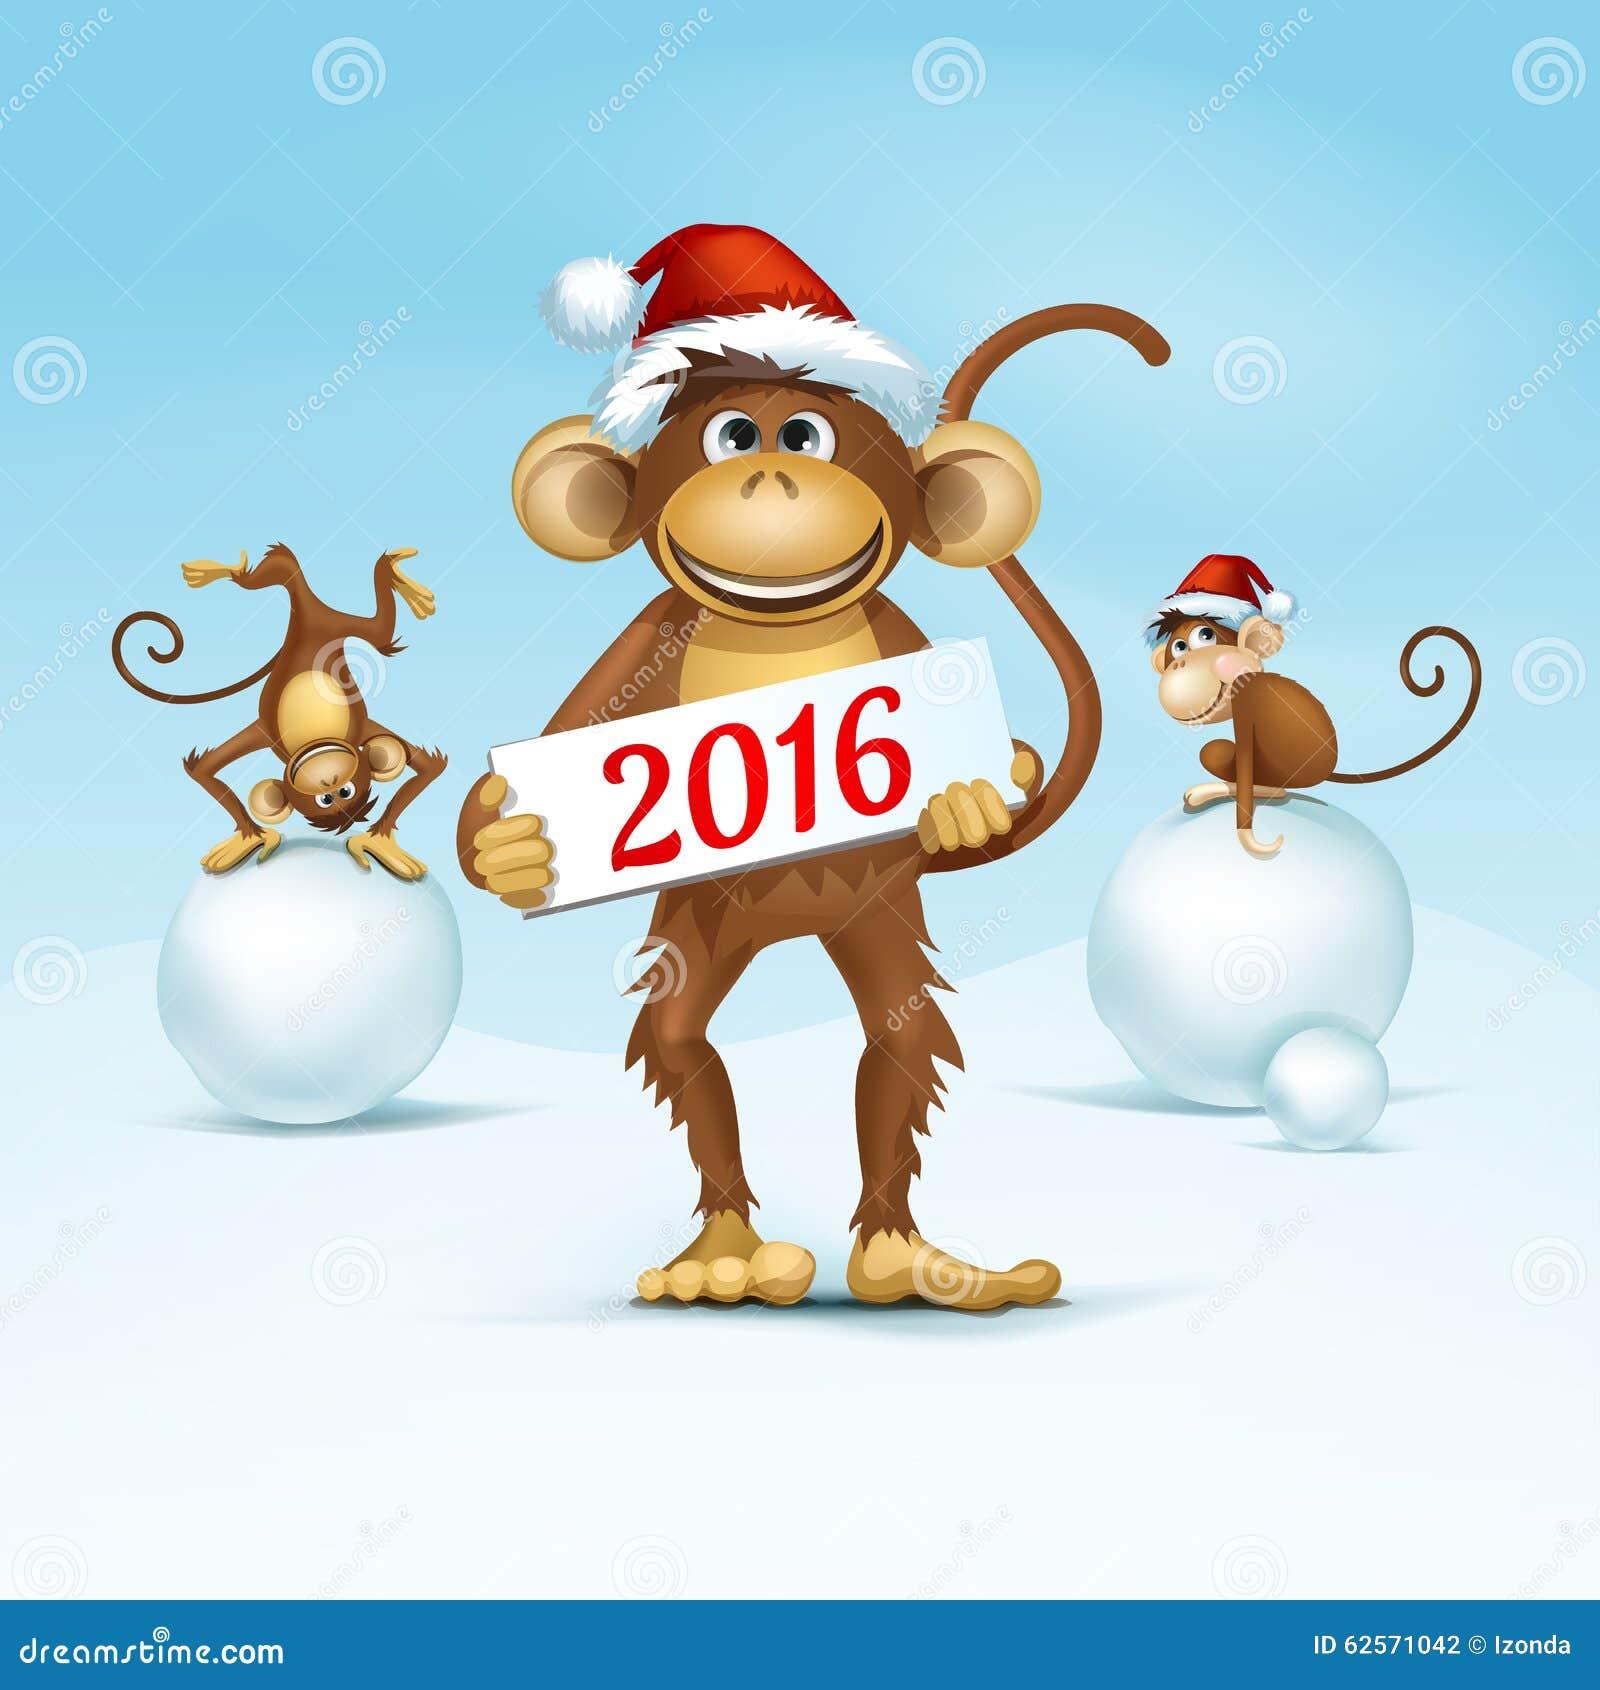 Новый год 2016: открытки с Обезьянками - t 96